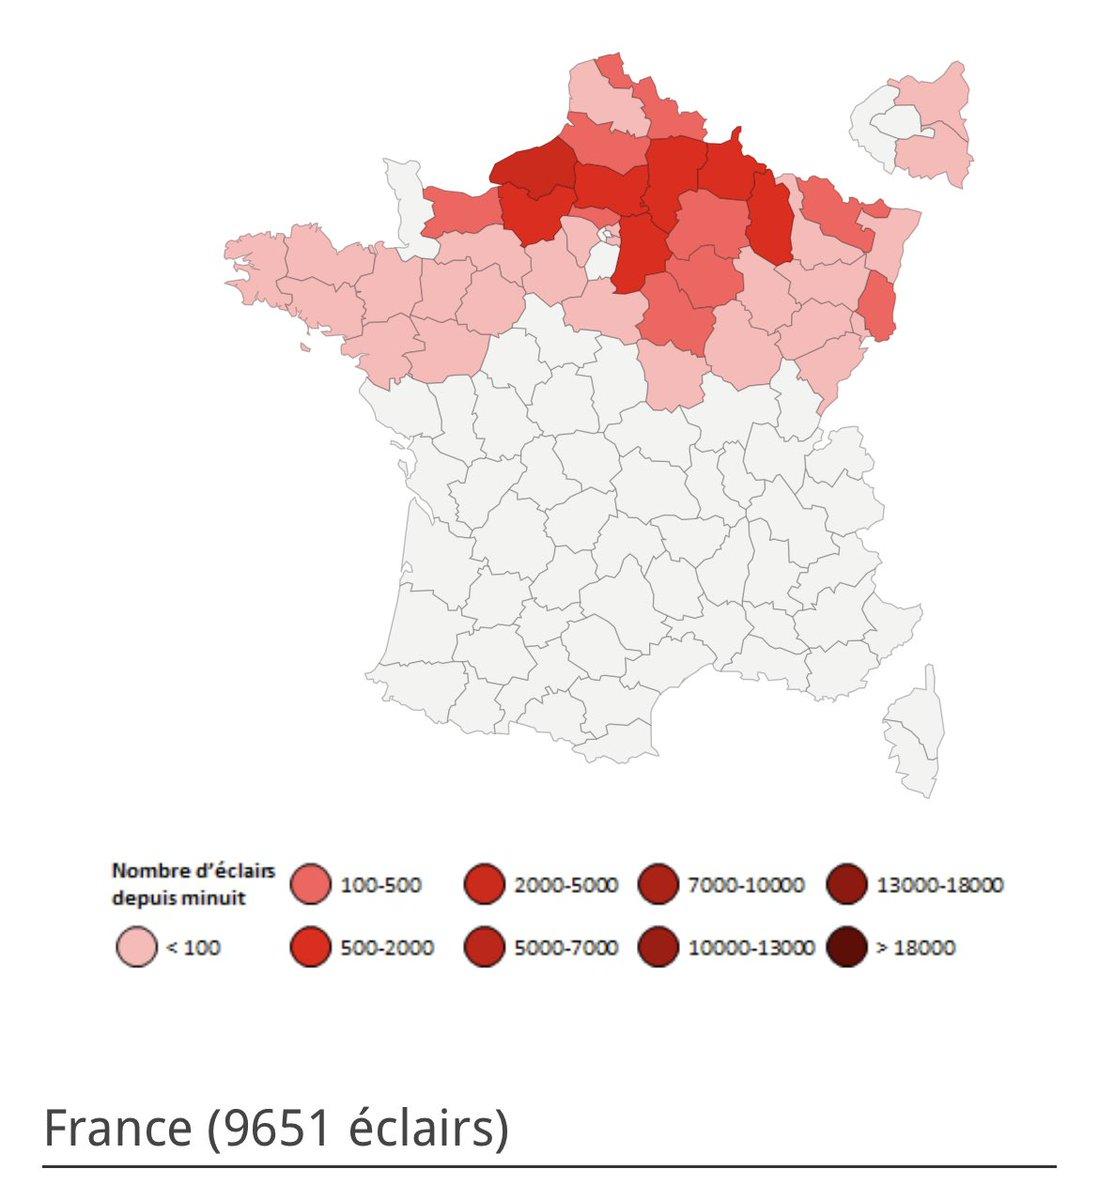 Près de 10000 #éclairs ont été comptabilisés hier lors de la dégradation orageuse. La #SeineMaritime, la #Meuse et l'#Aisne ont été les départements les plus touchés. Toutes nos stats sur notre page dédiée ->